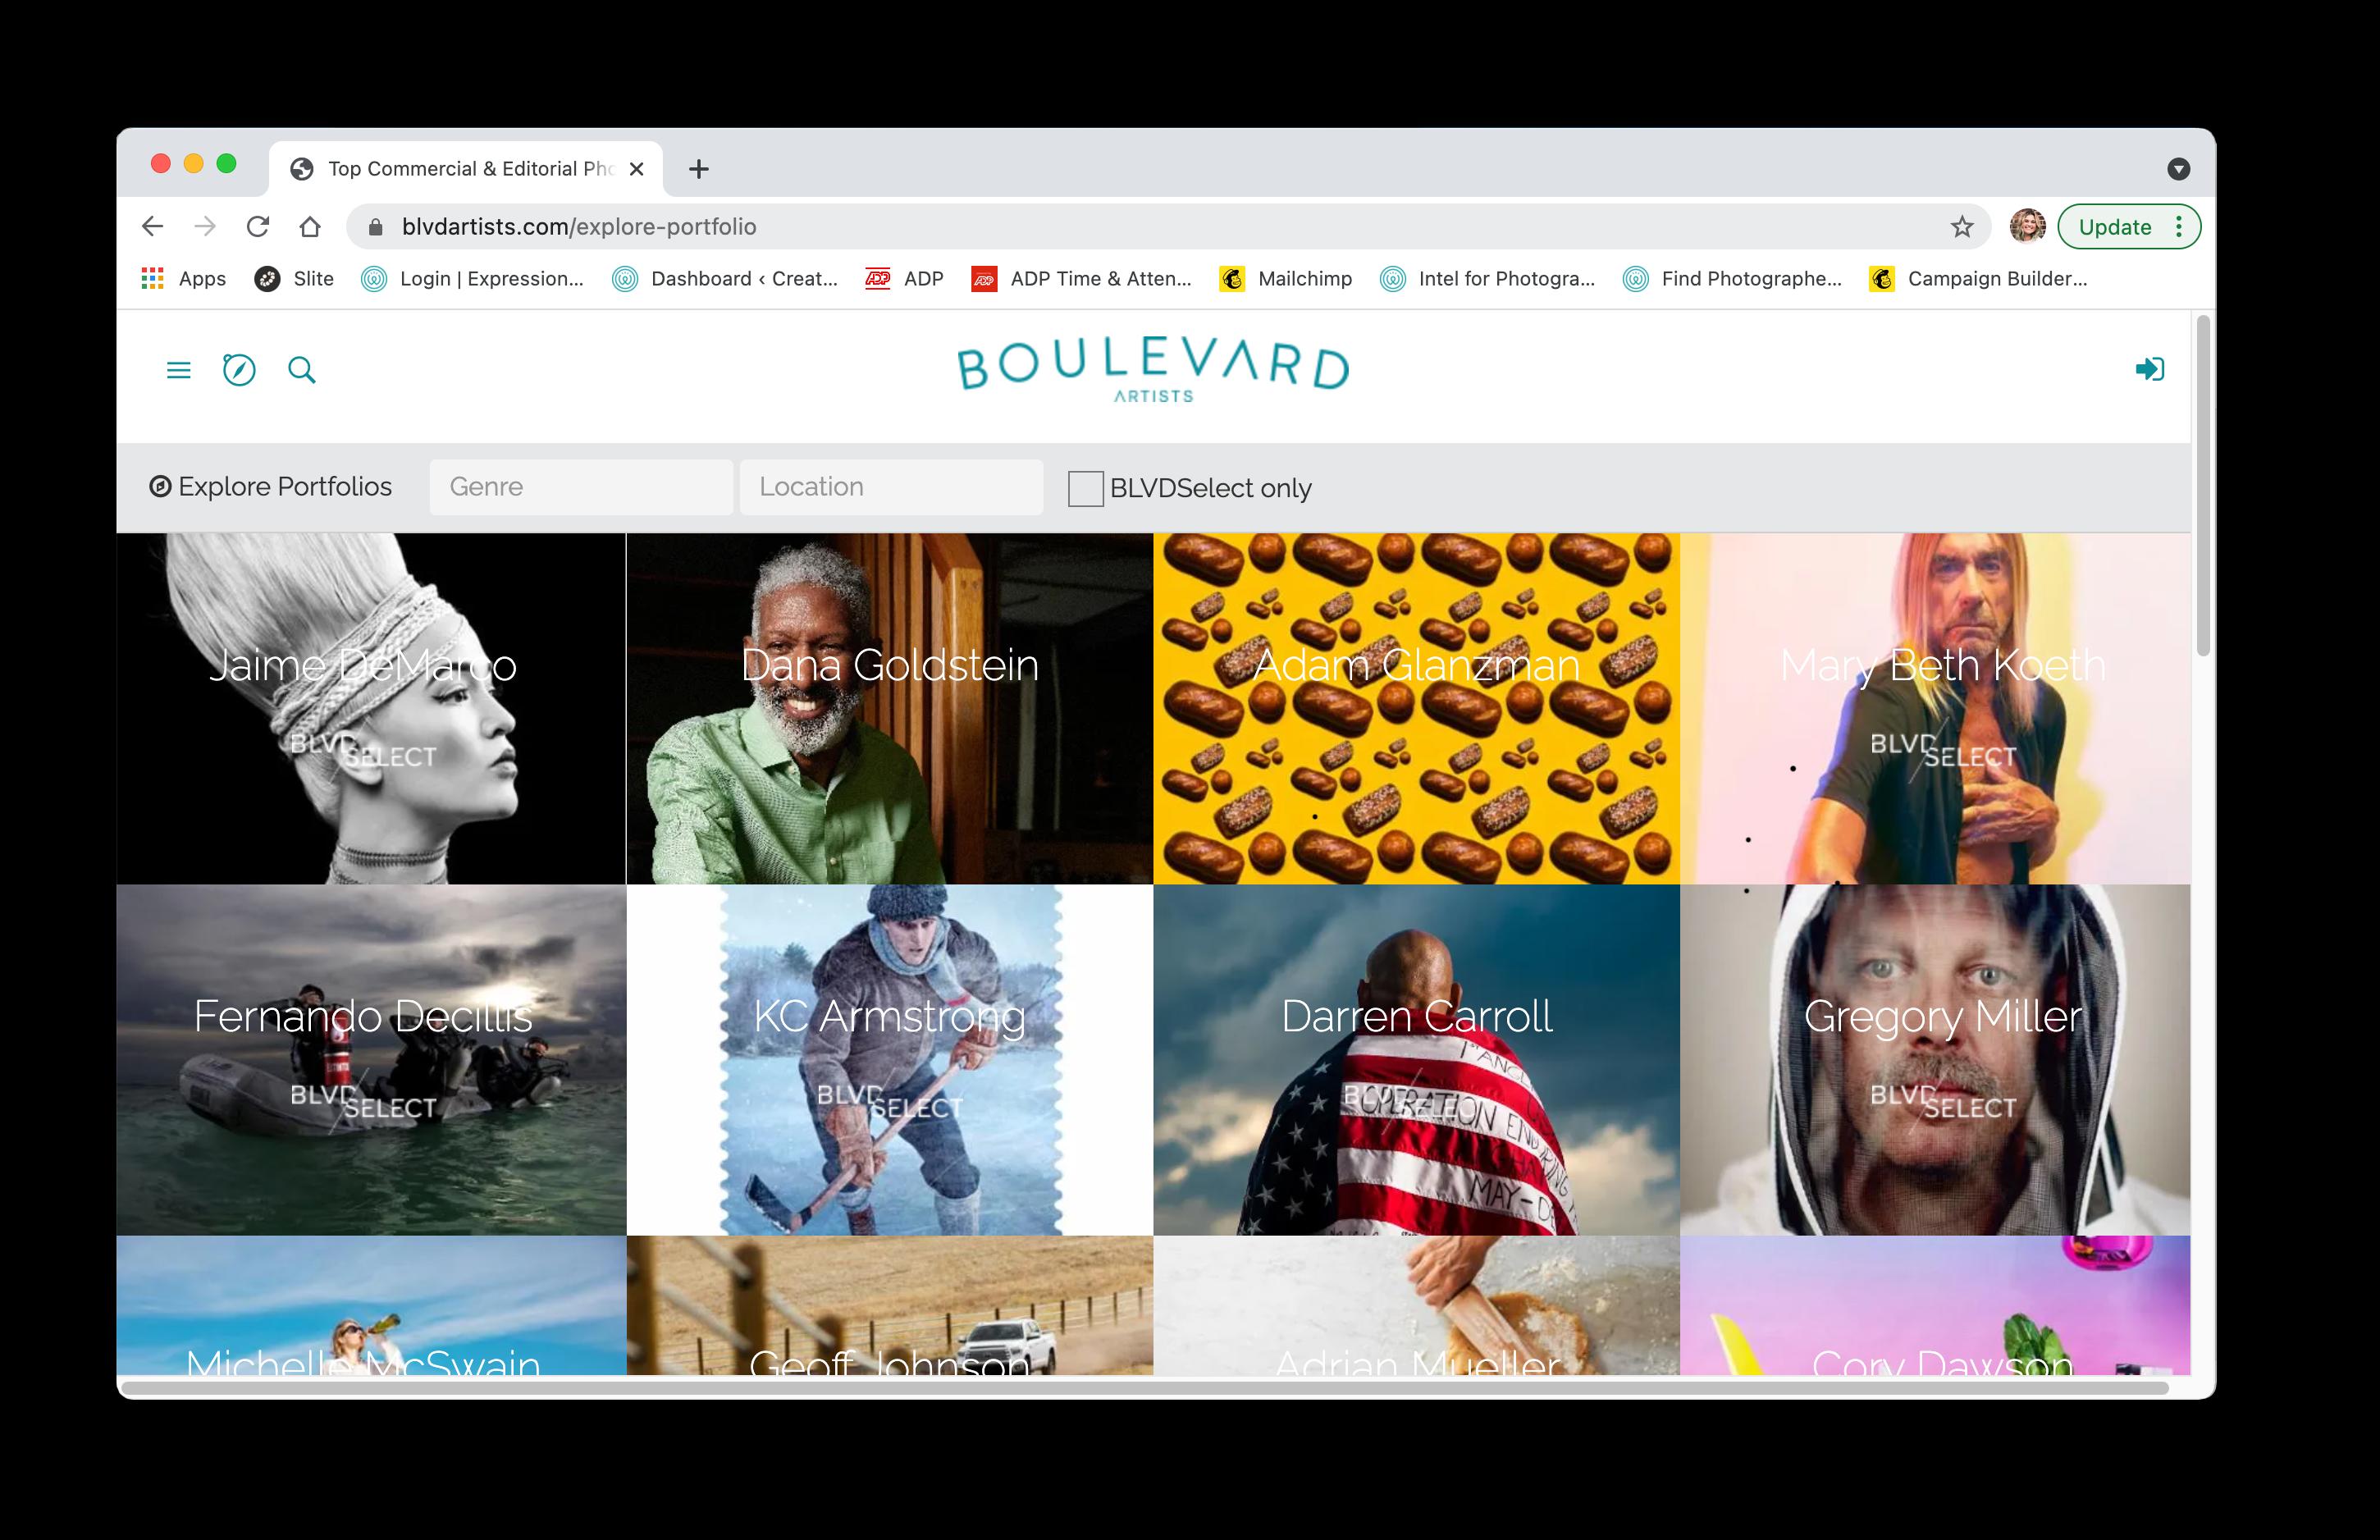 Boulevard Artists screenshot